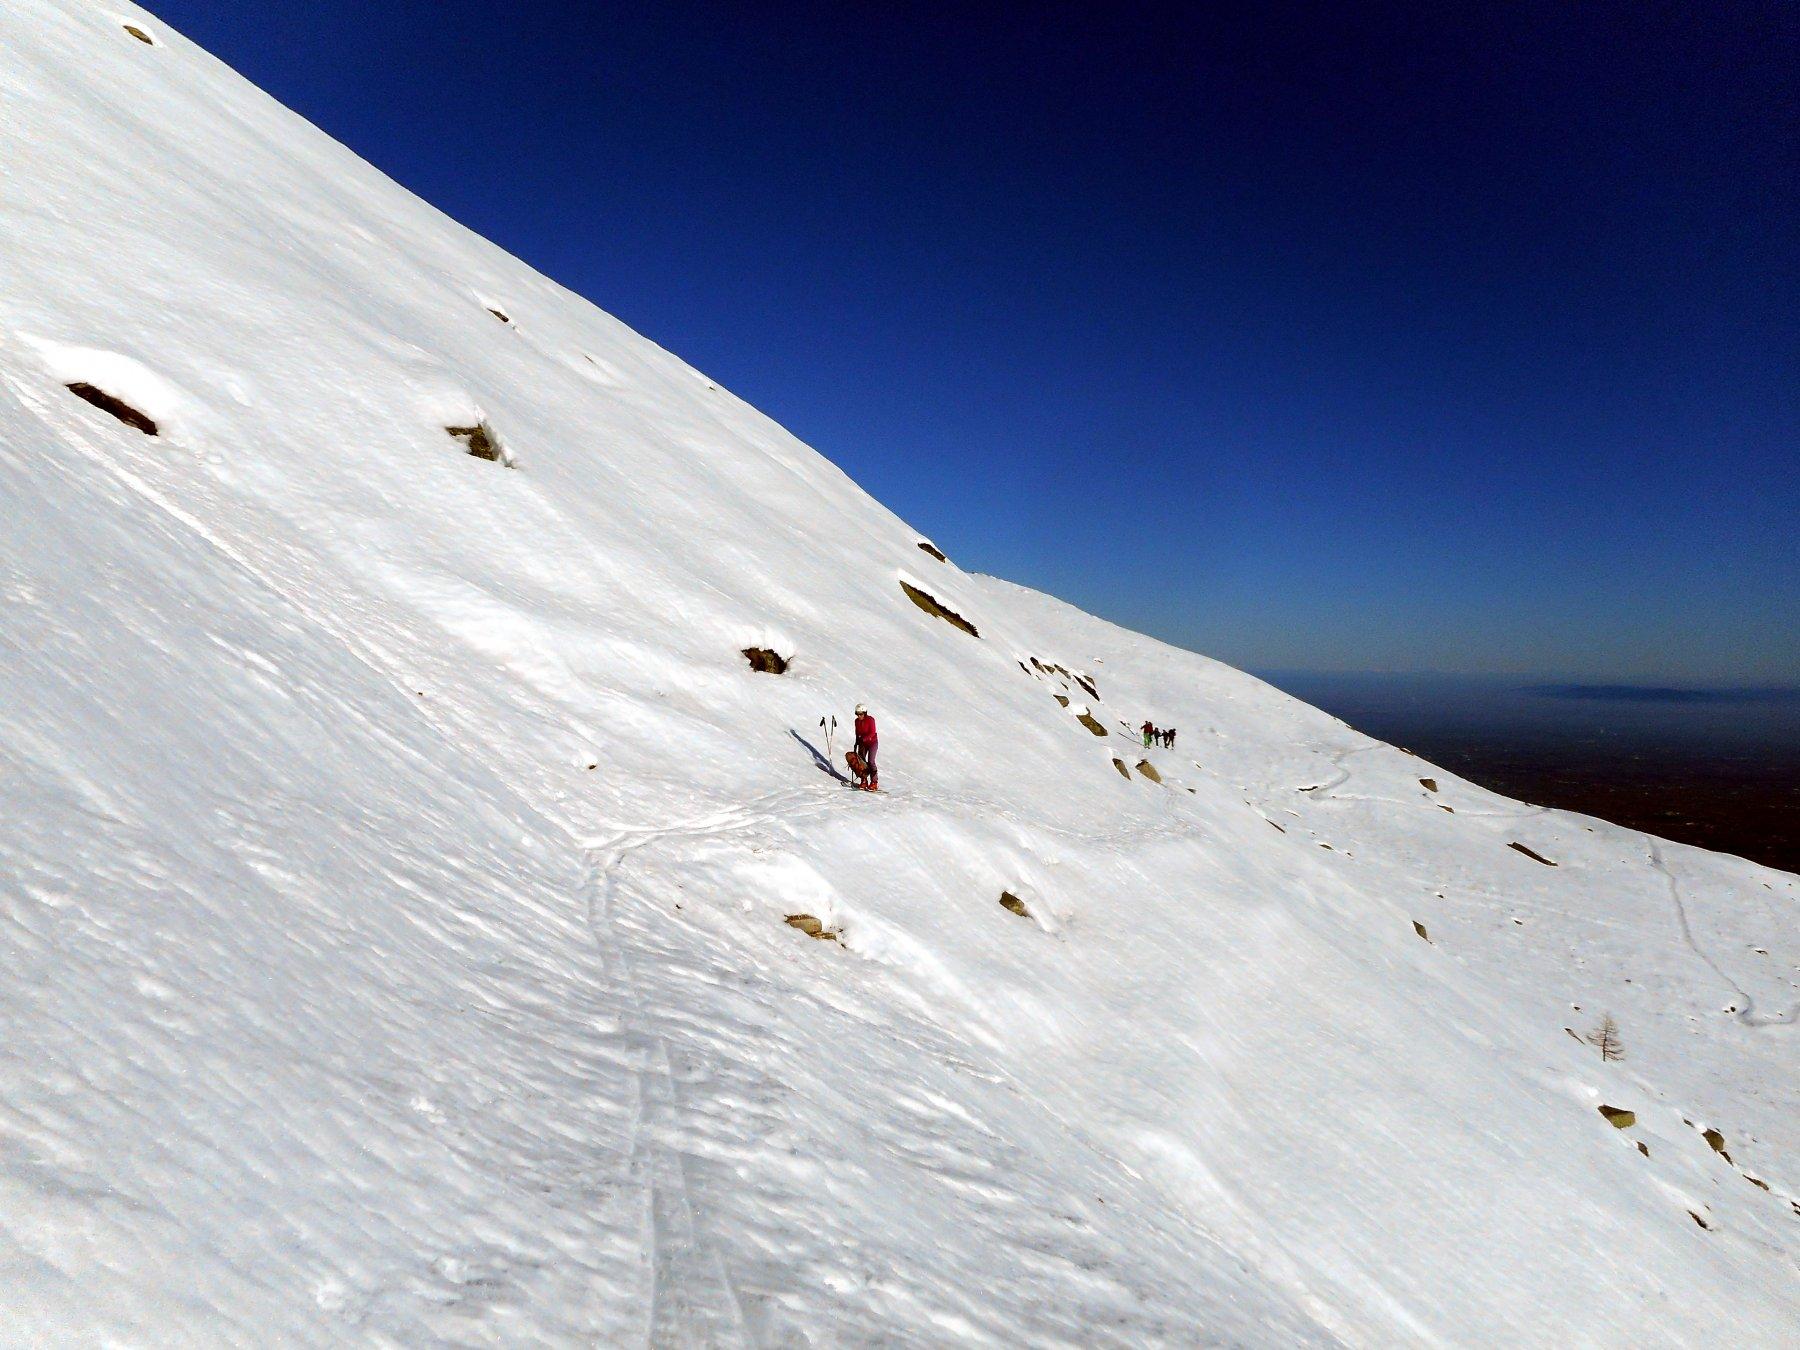 solo con neve sicura